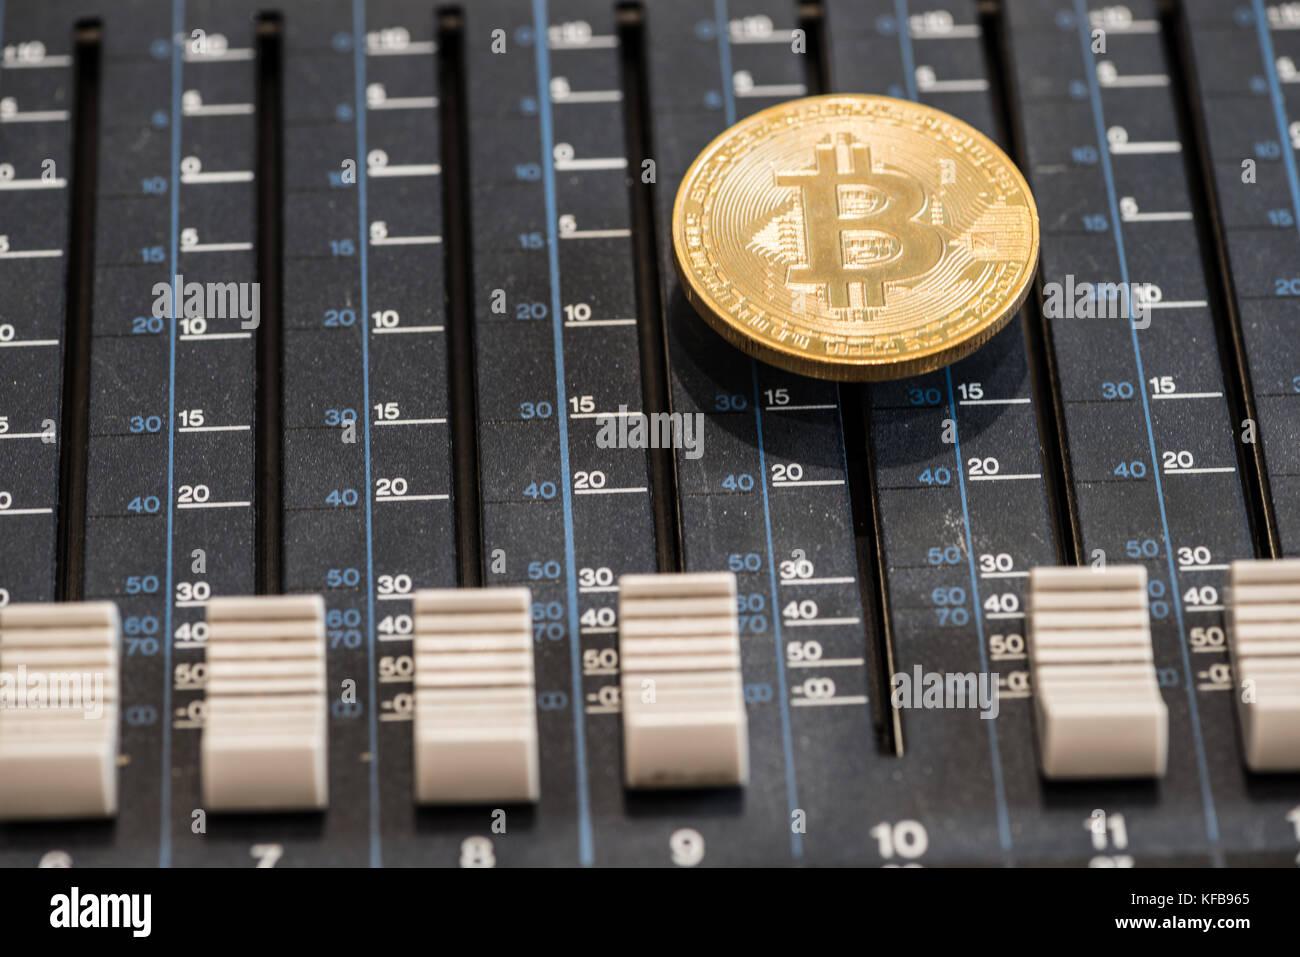 Bitcoin coin on the sound mixer console. Concept idea. Stock Photo